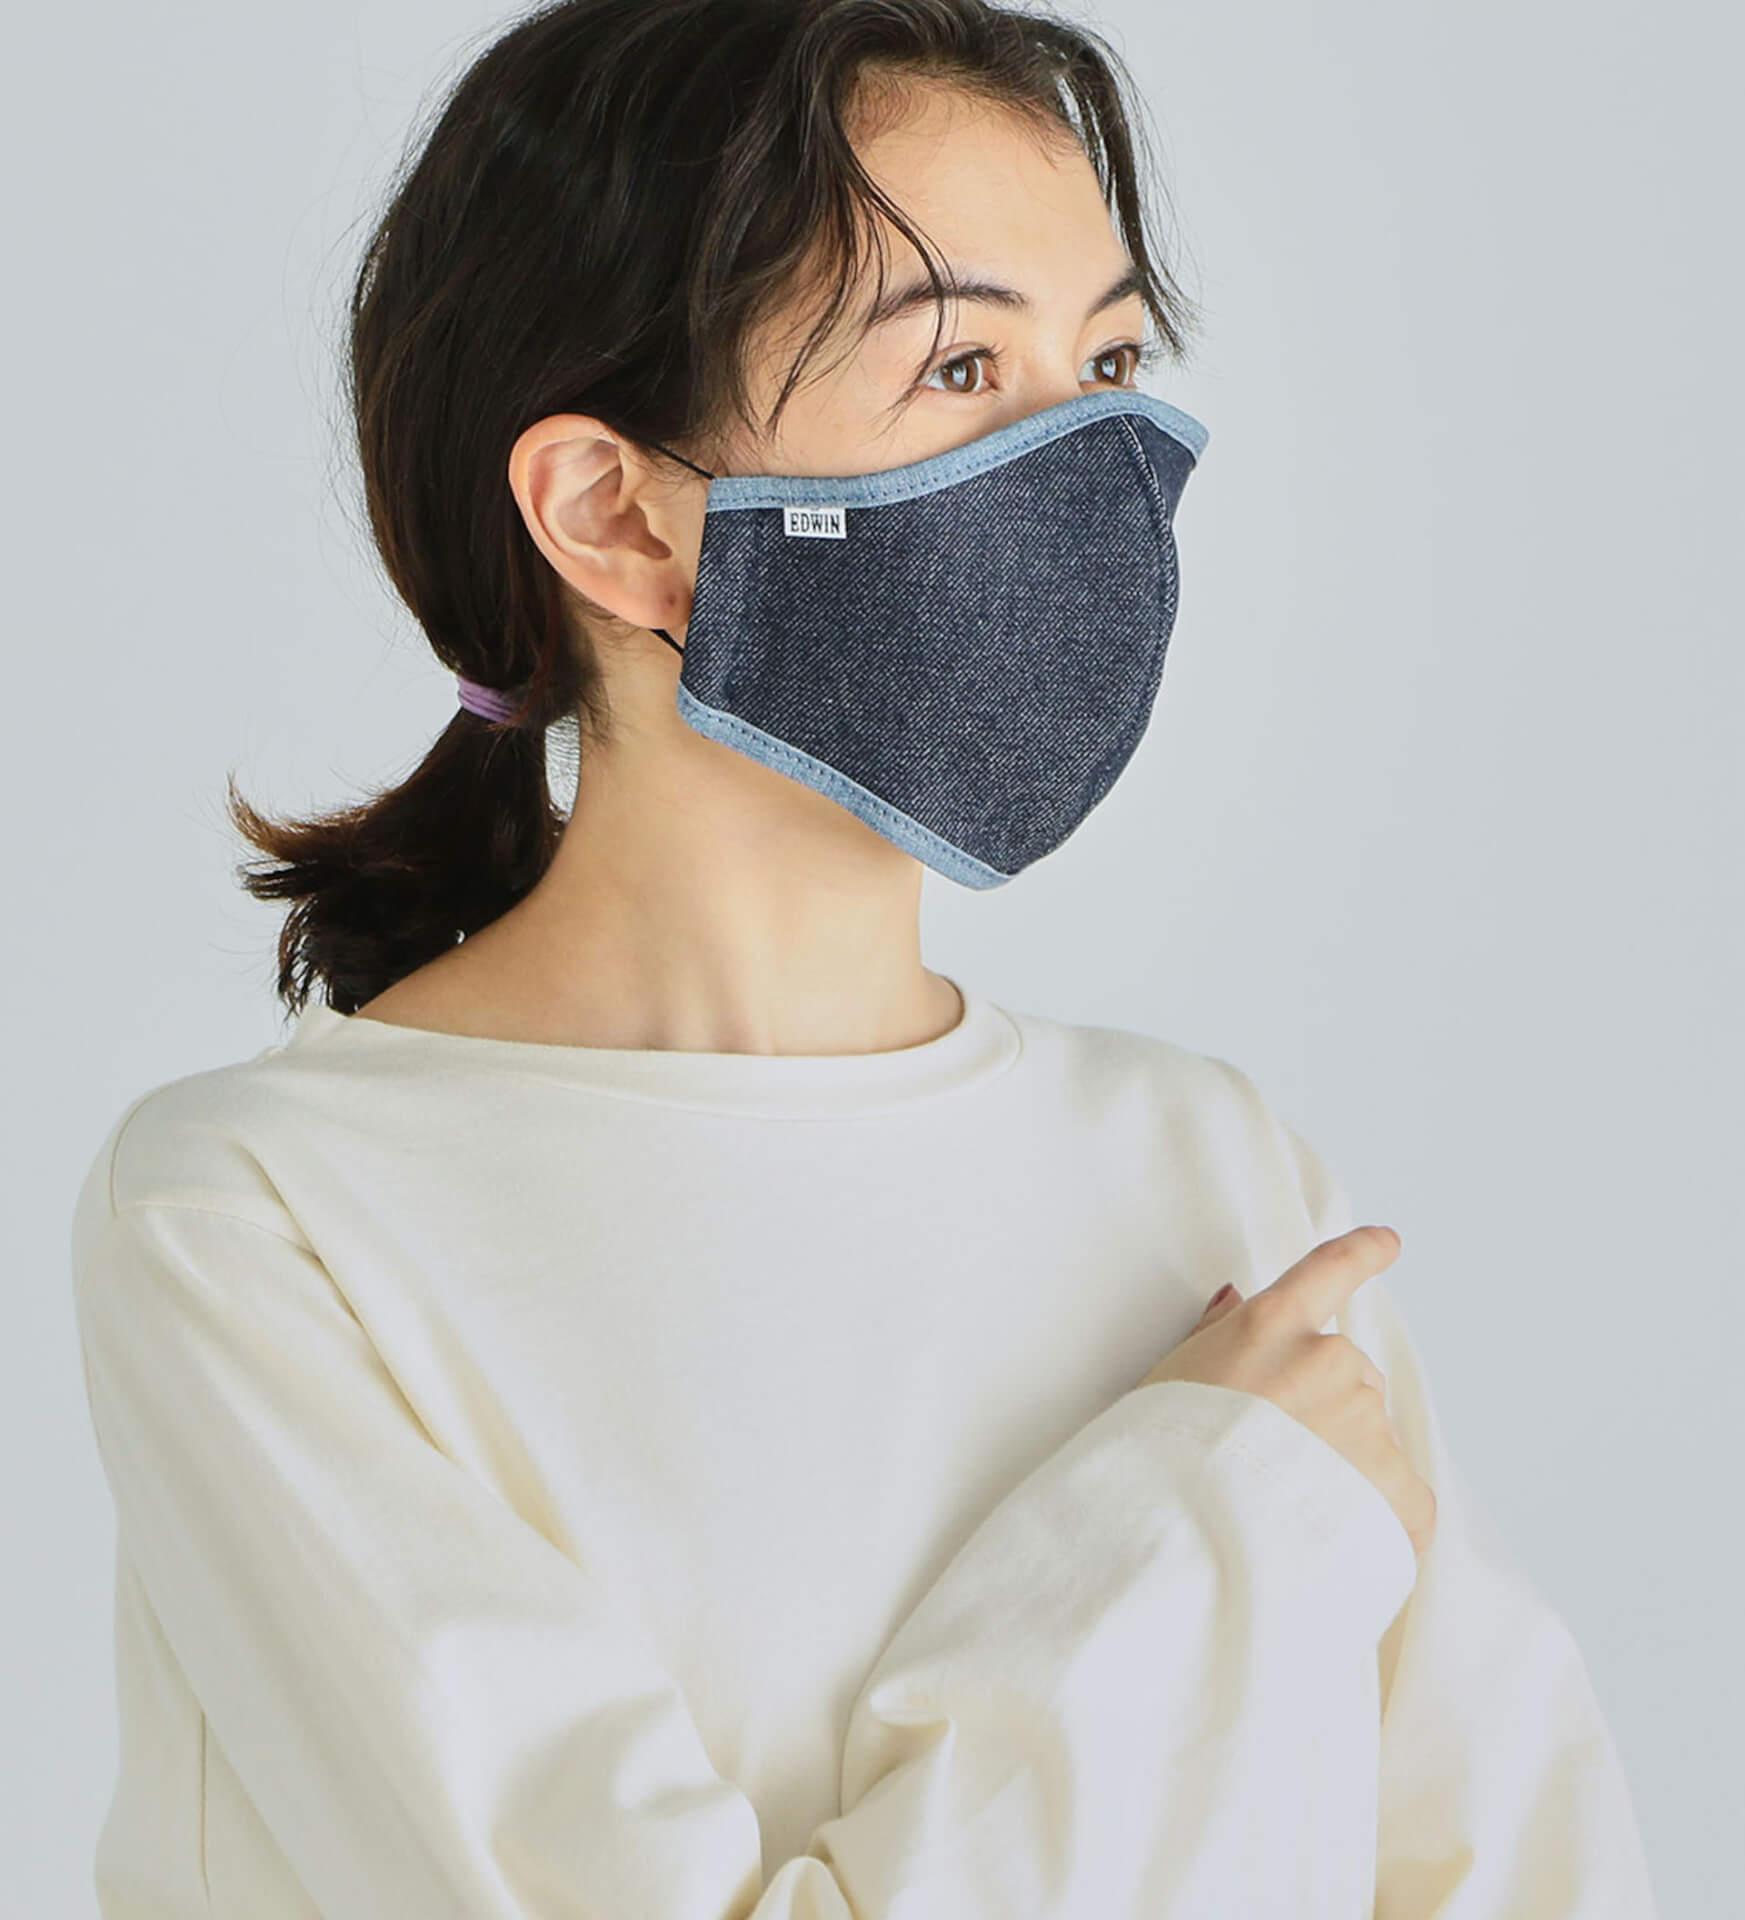 エドウインのデニムマスクがもらえる!エドウイン公式オンラインモールにてプレゼントキャンペーンが開催 fashion2021217_edwin_mask_1